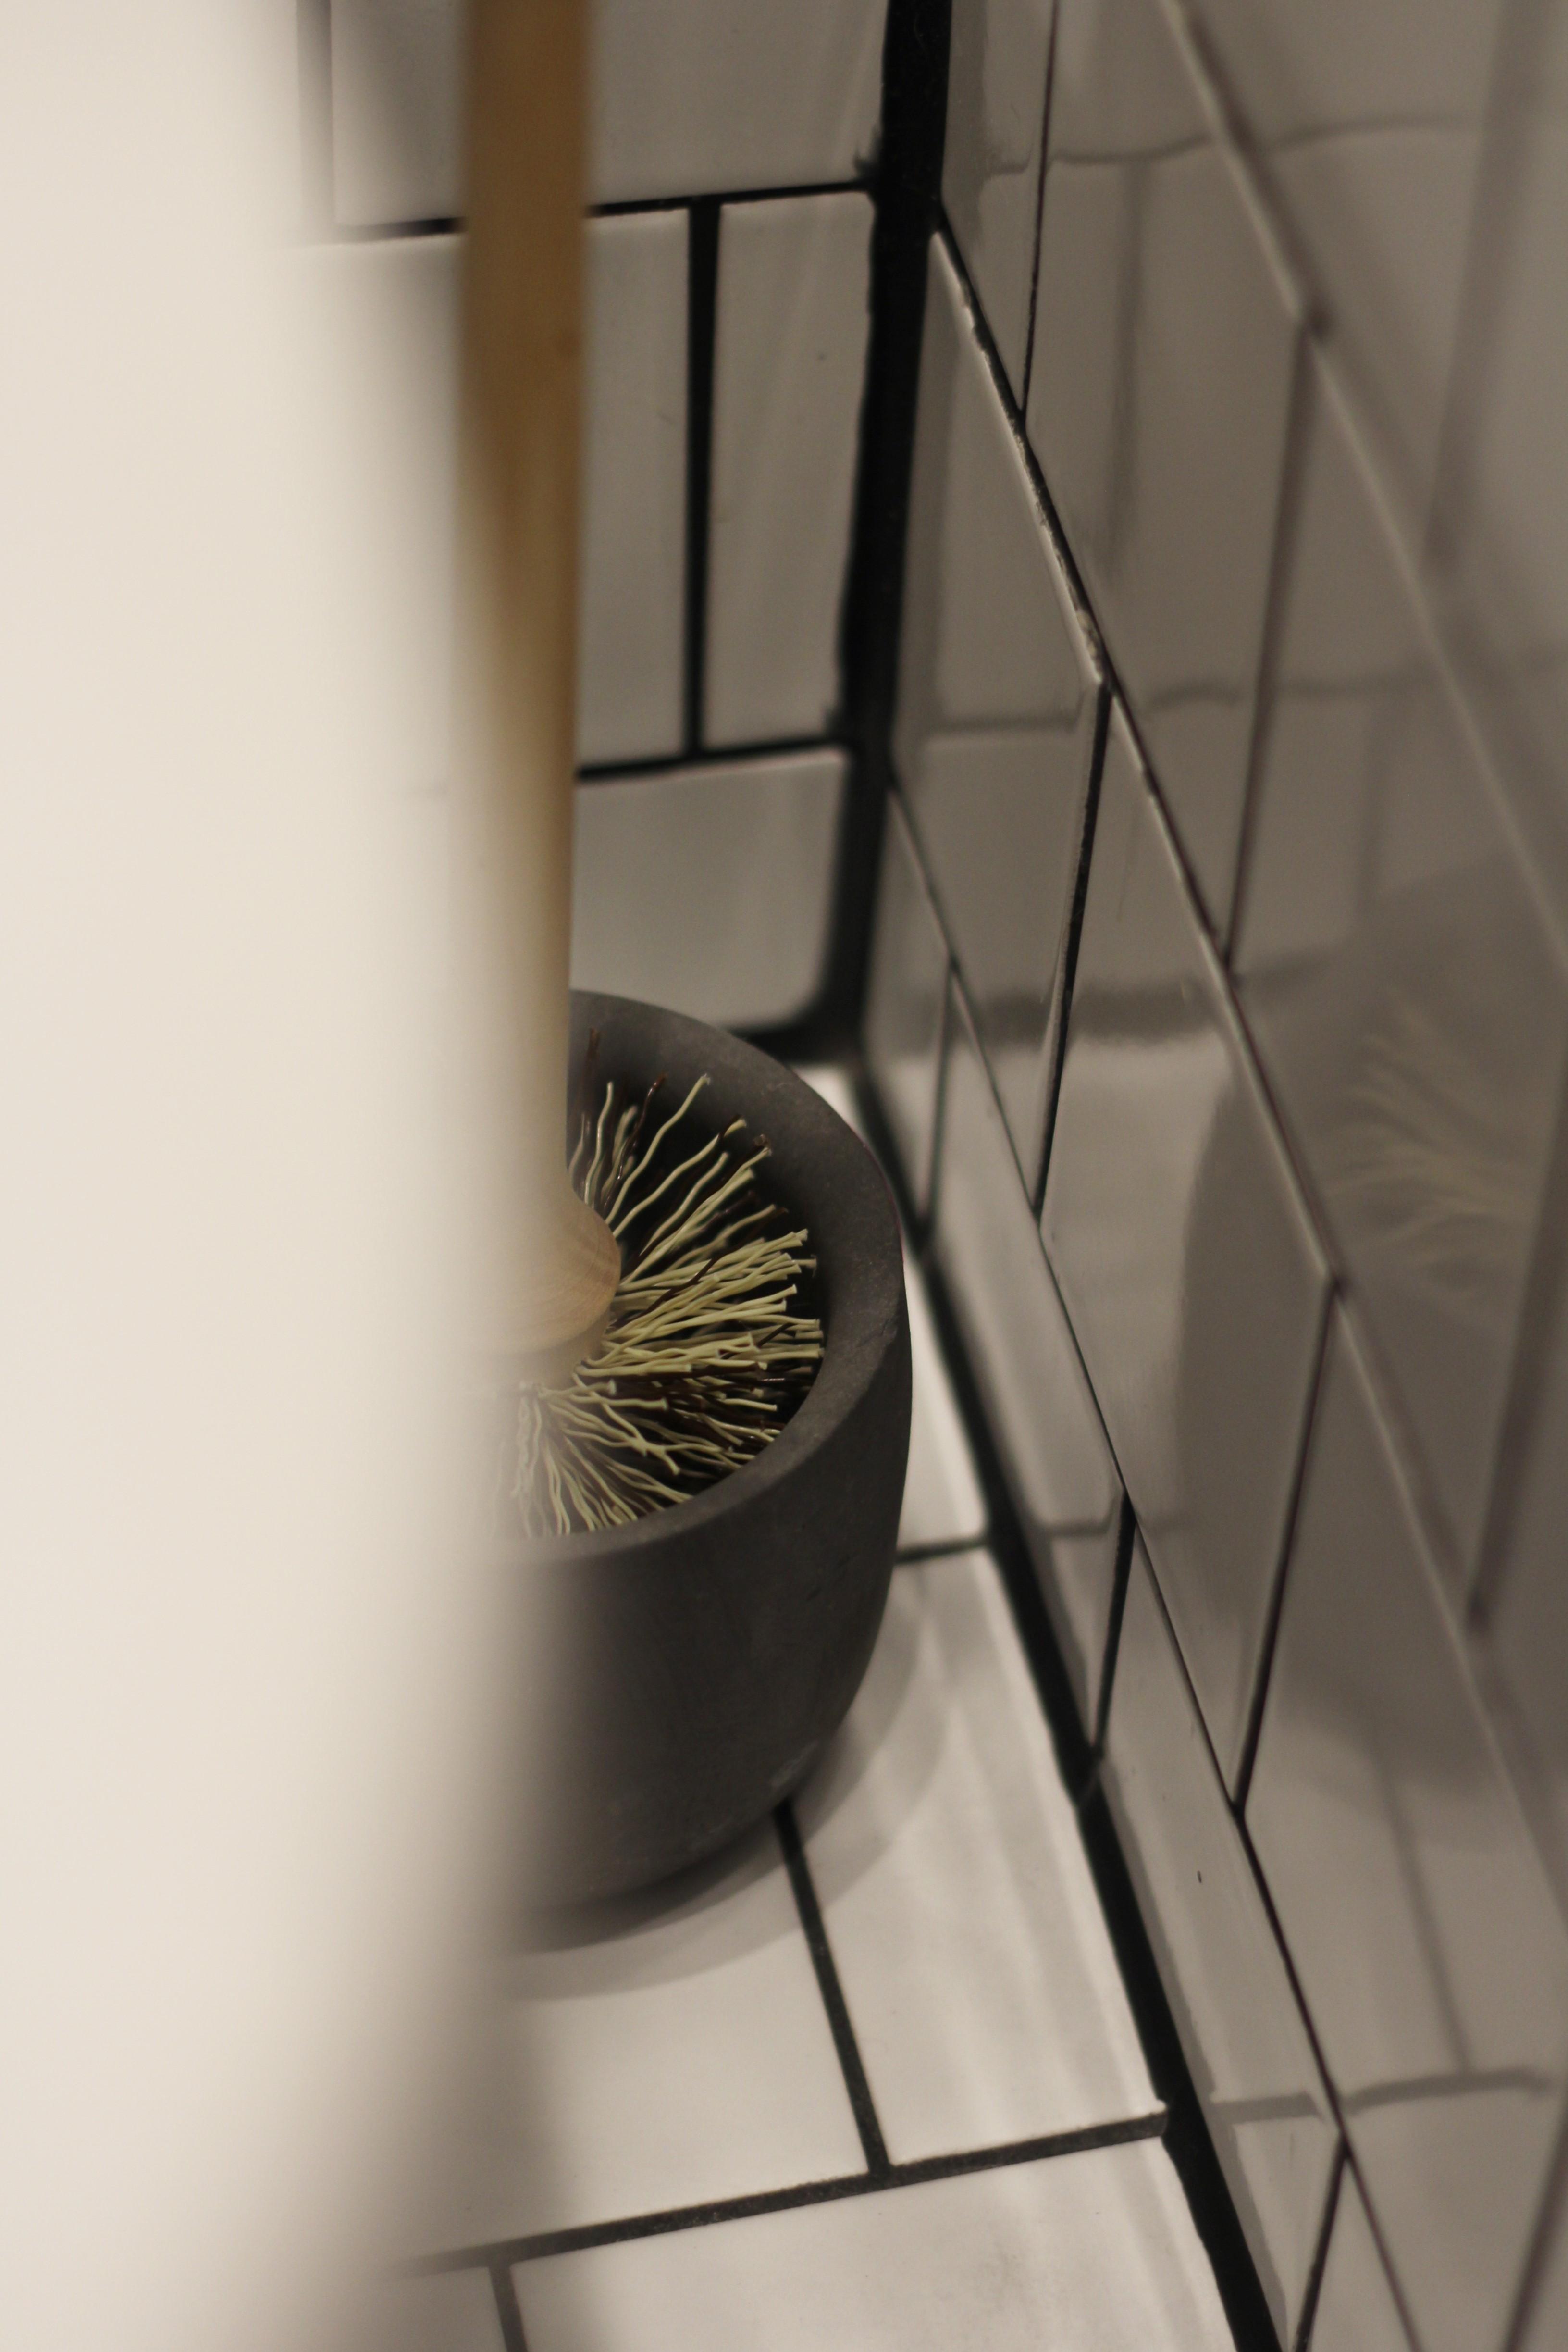 Iris Hantverkin WC-harja on ekologinen ja esteettinen valinta. Harjoja myydään erikseen, sama betonikuppi kestää ikuisuuden.